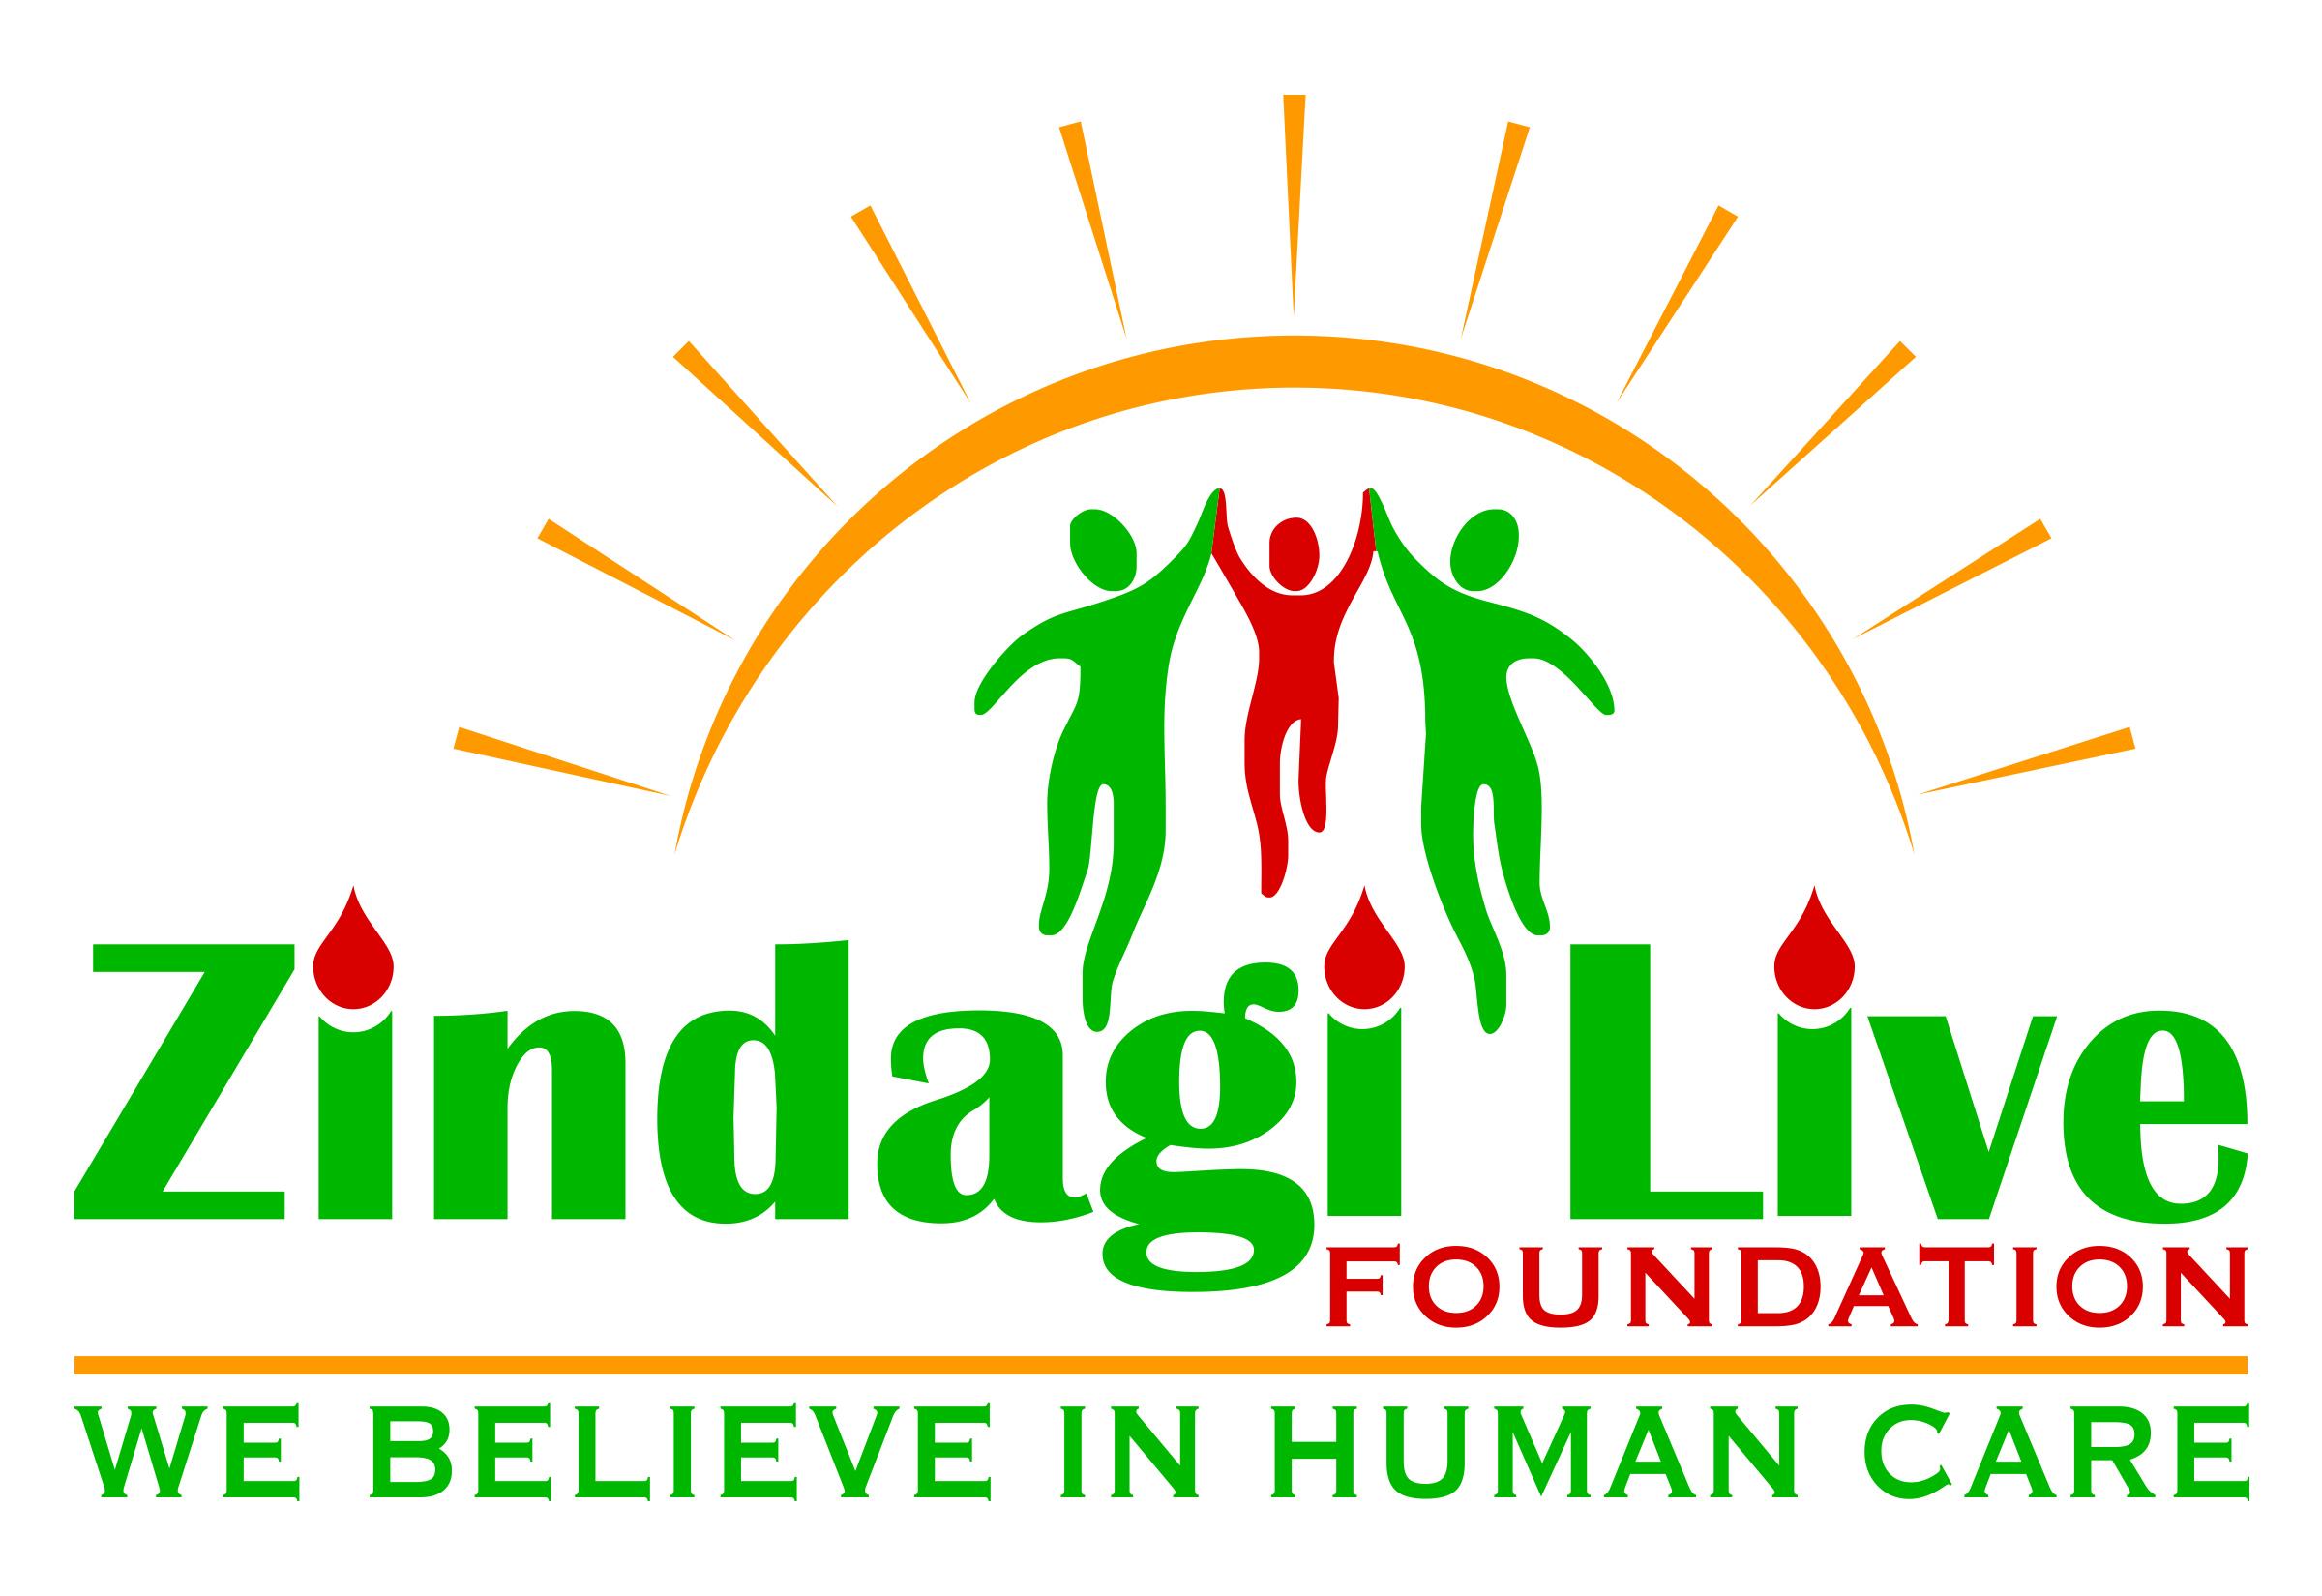 Zindagi Live Foundation